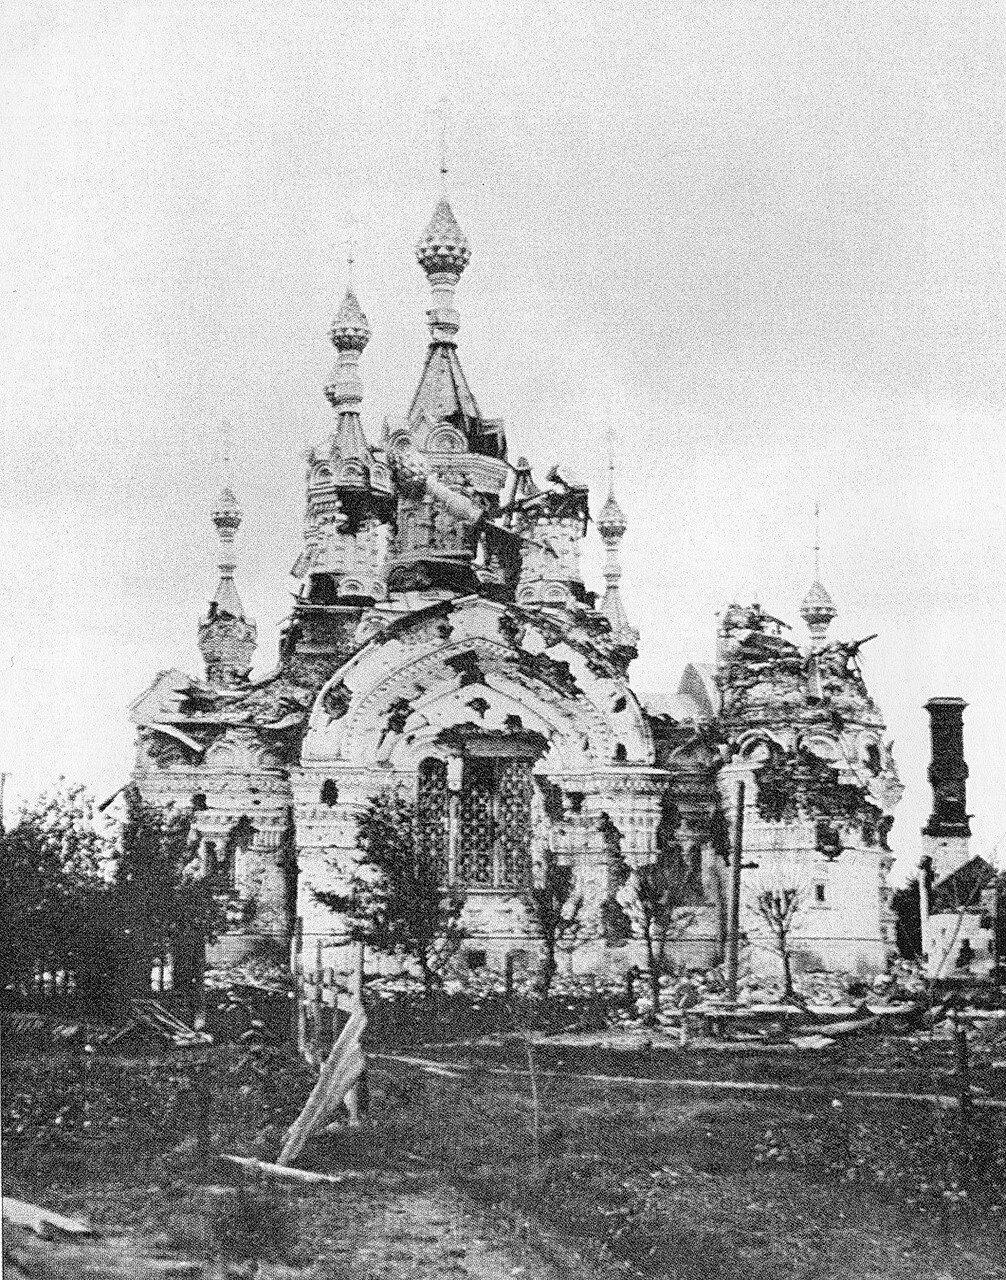 Церковь Покрова Богородицы после мятежа. 1918